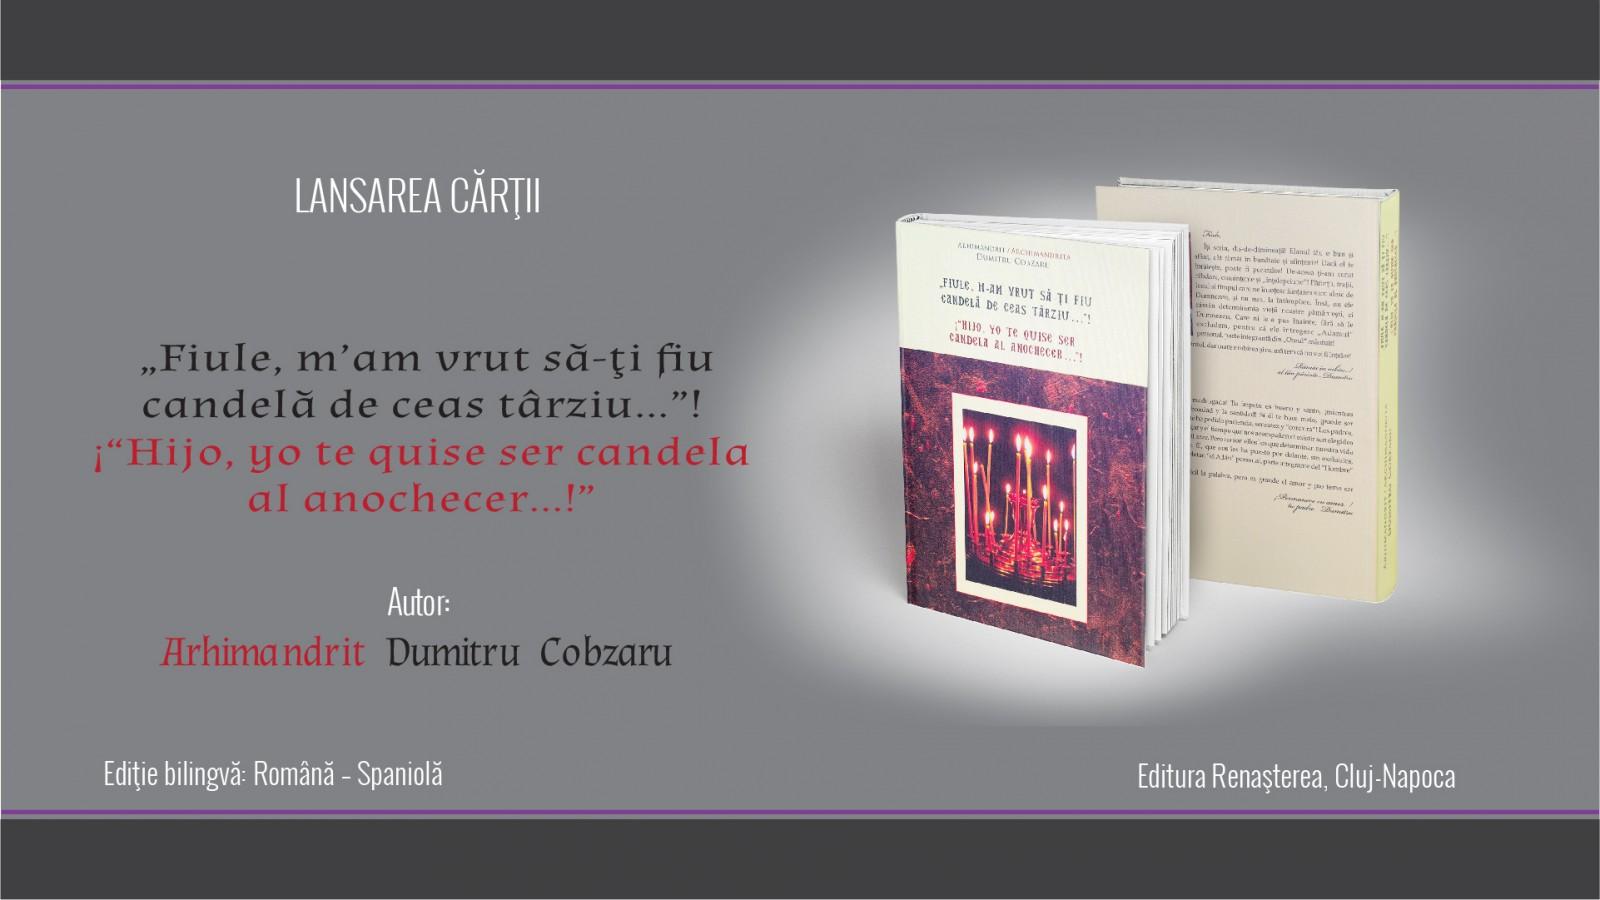 """""""Fiule, m'am vrut să-ți fiu candela de ceas târziu…""""!, ediție bilingvă română-spaniolă"""